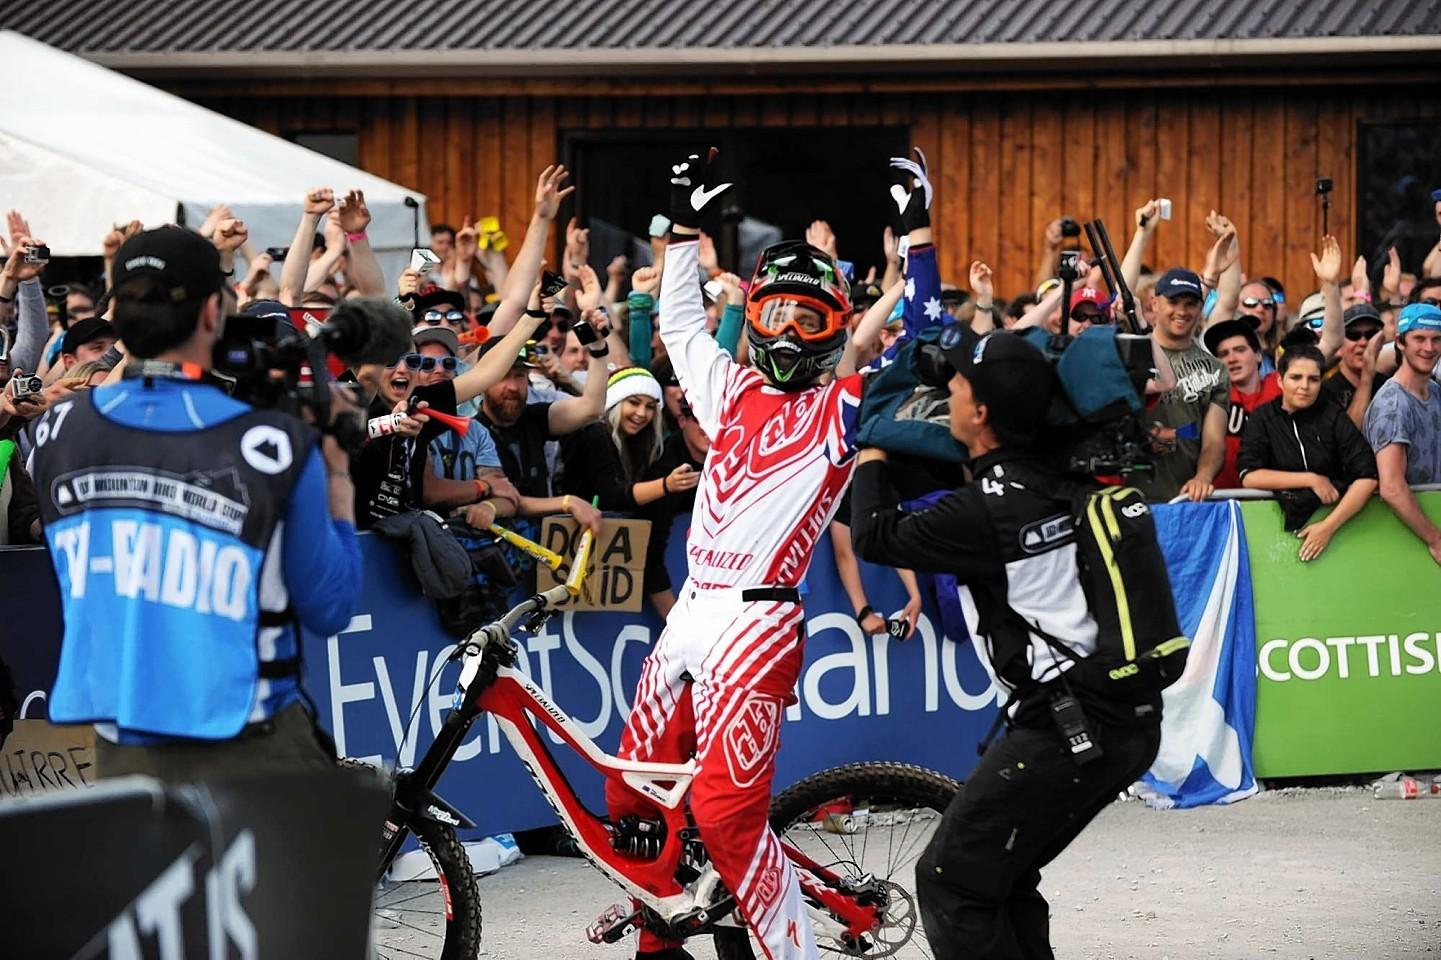 Mountain Bike World Cup winner Troy Brosnan